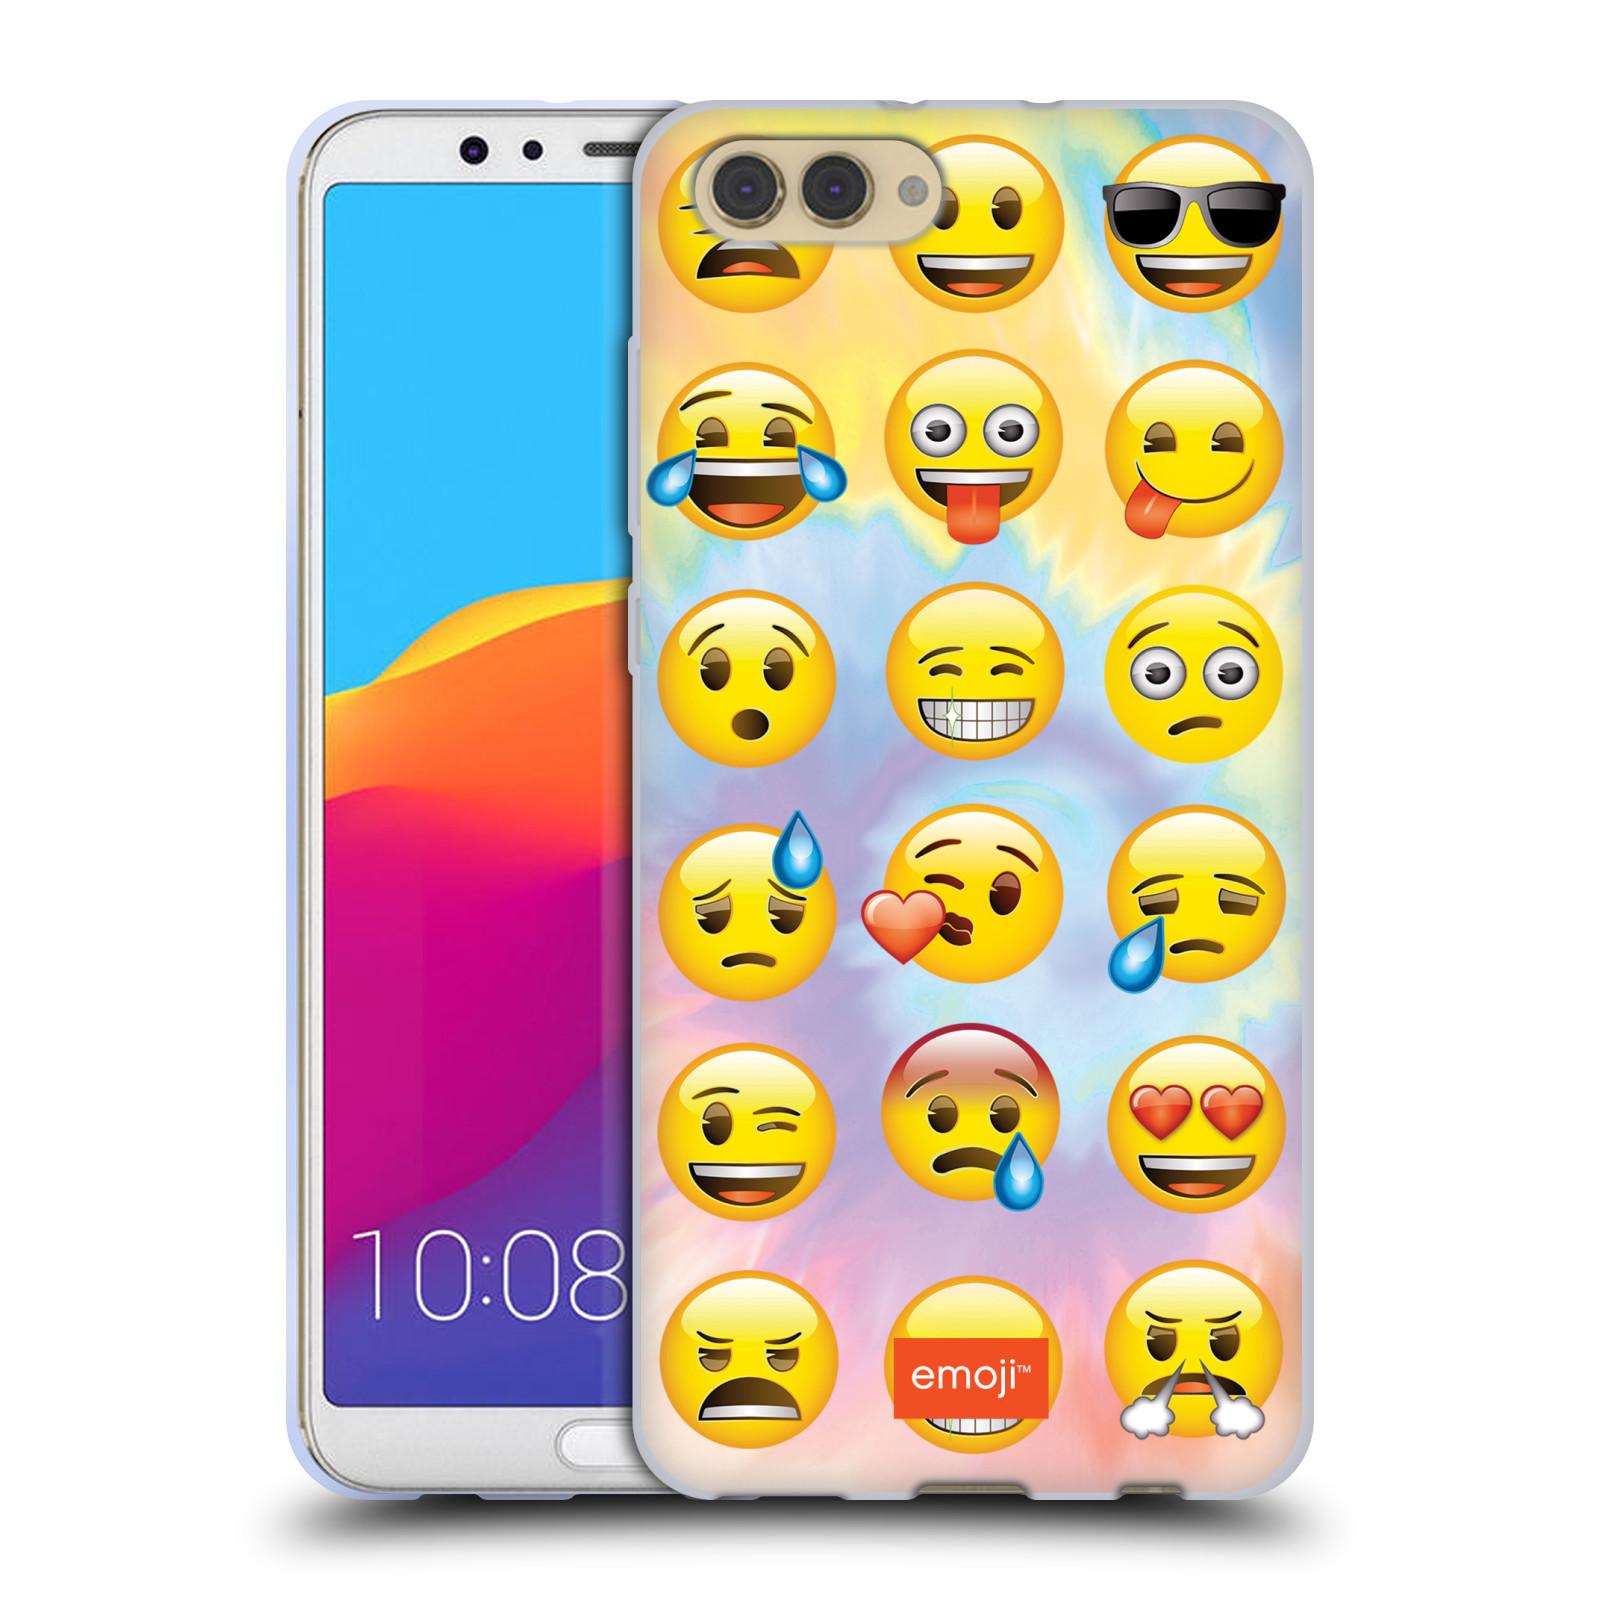 HEAD CASE silikonový obal na mobil Huawei HONOR VIEW 10 / V10 smajlík oficiální kryt EMOJI nálada